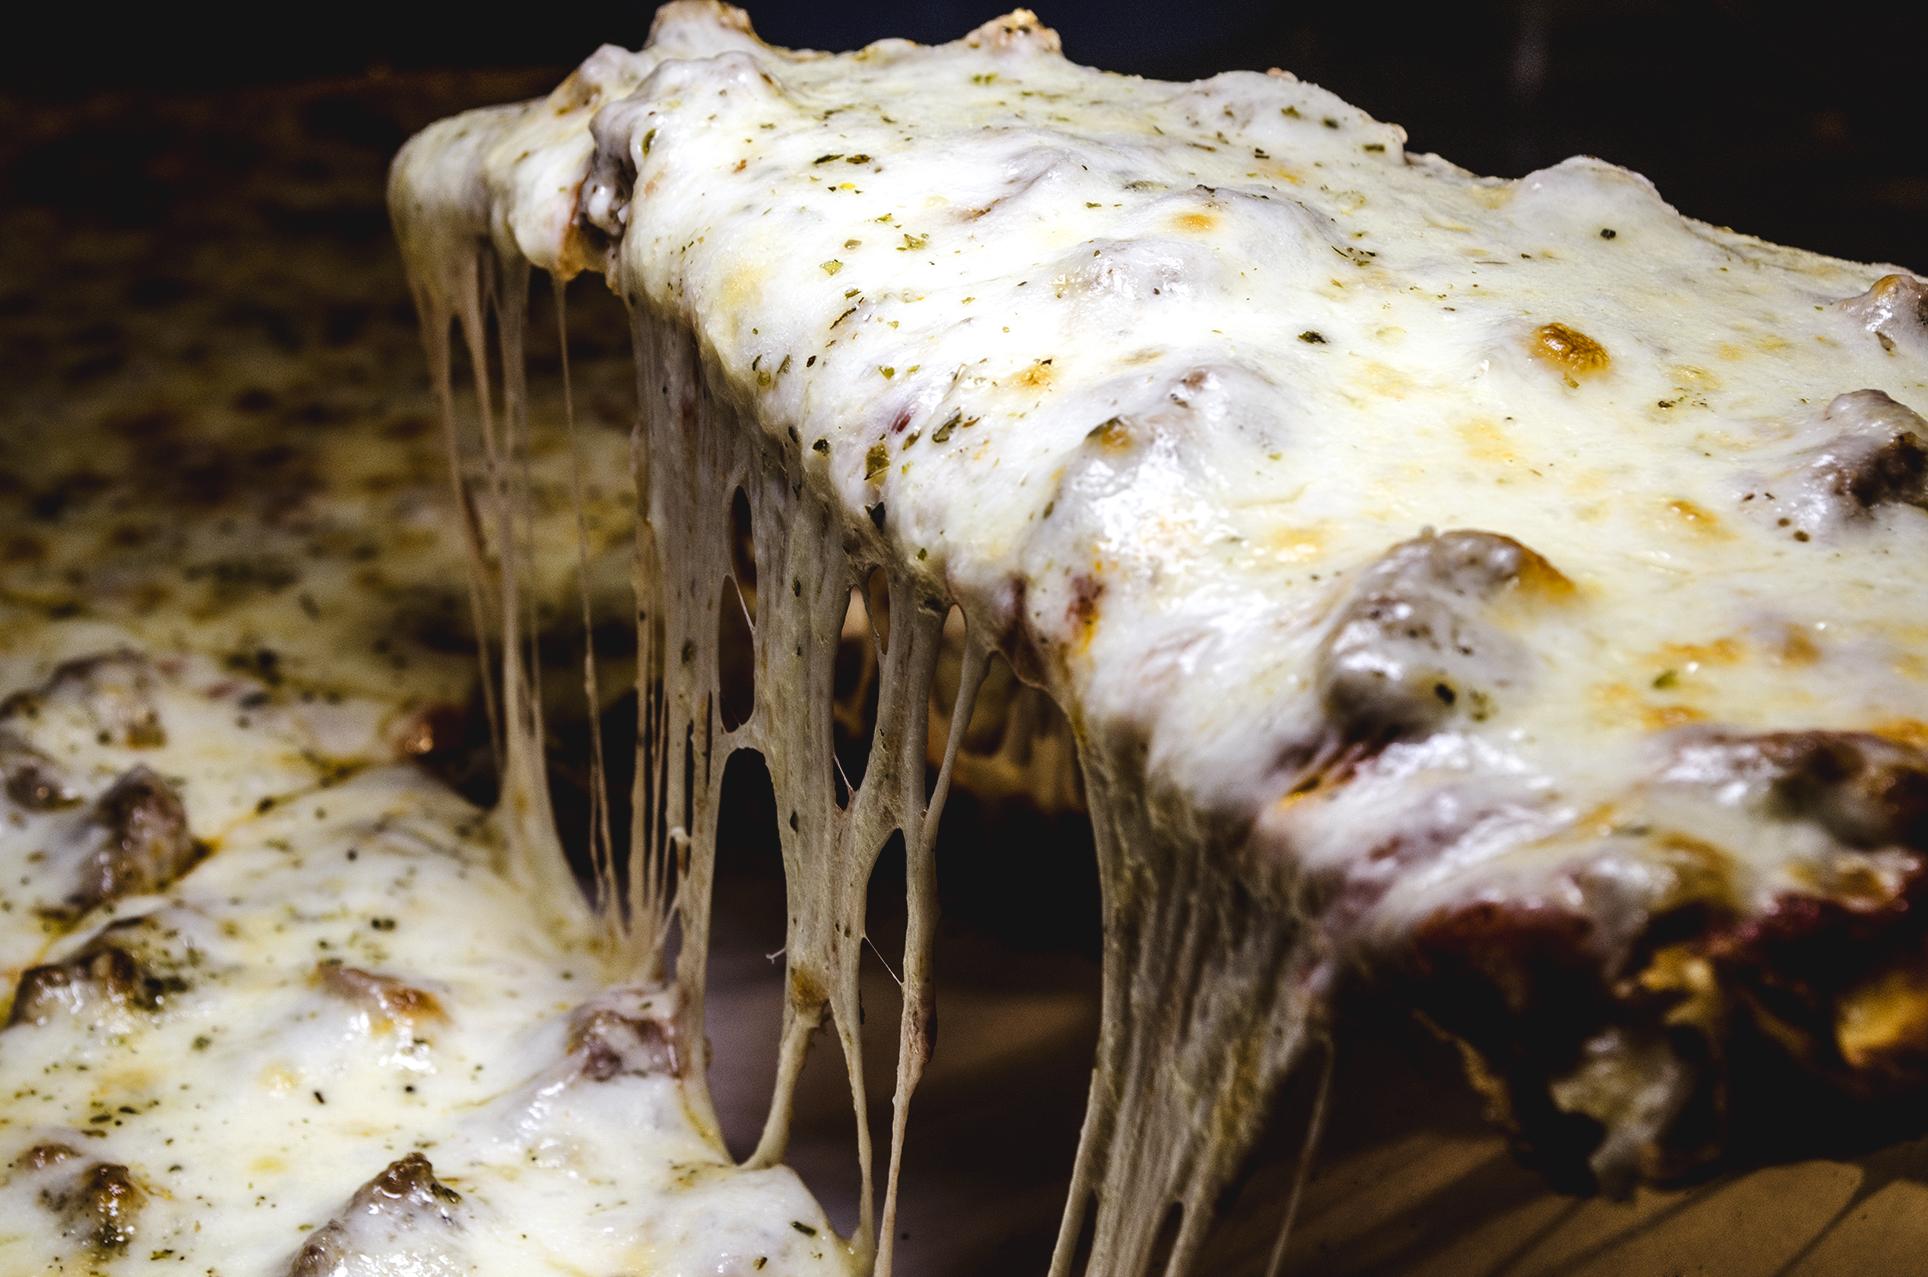 pranzi_pizza_mmm.jpg